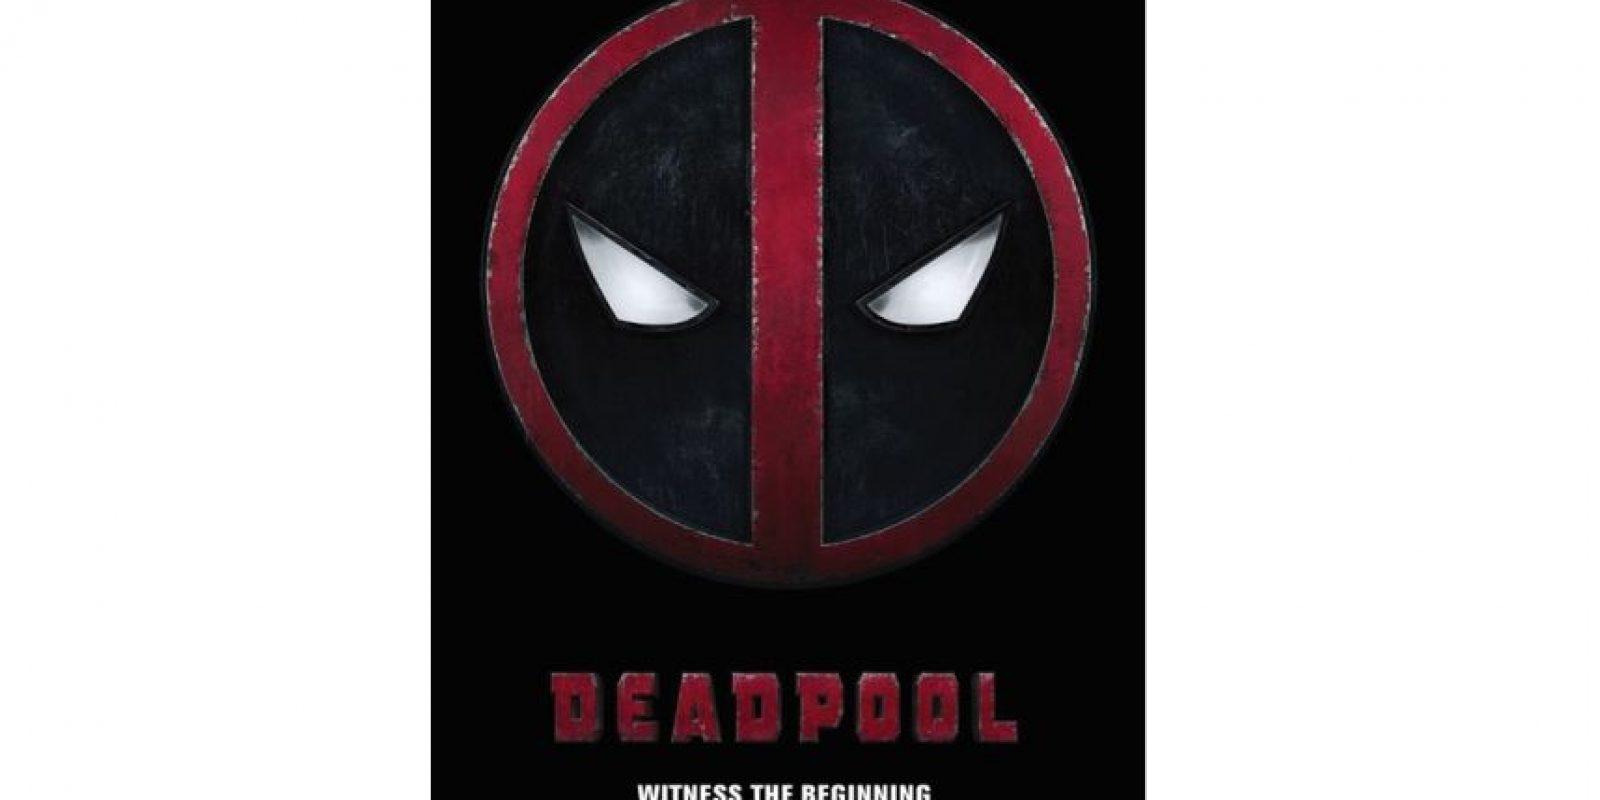 Deadpool: Marvel Comics se ensucia las manos en la nueva versión Deadpool. Ryan Reynolds es el hombre detrás del alter ego Deadpool después de un experimento que deja al exagente de las Fuerzas Especiales Wade Wilson con poderes curativos acelerados. Y este antihéroe es tan cruel como te puedas imaginar, sólo echa un vistazo al nivel de sexo y violencia. Fecha de lanzamiento: 12 de febrero (EE.UU.)